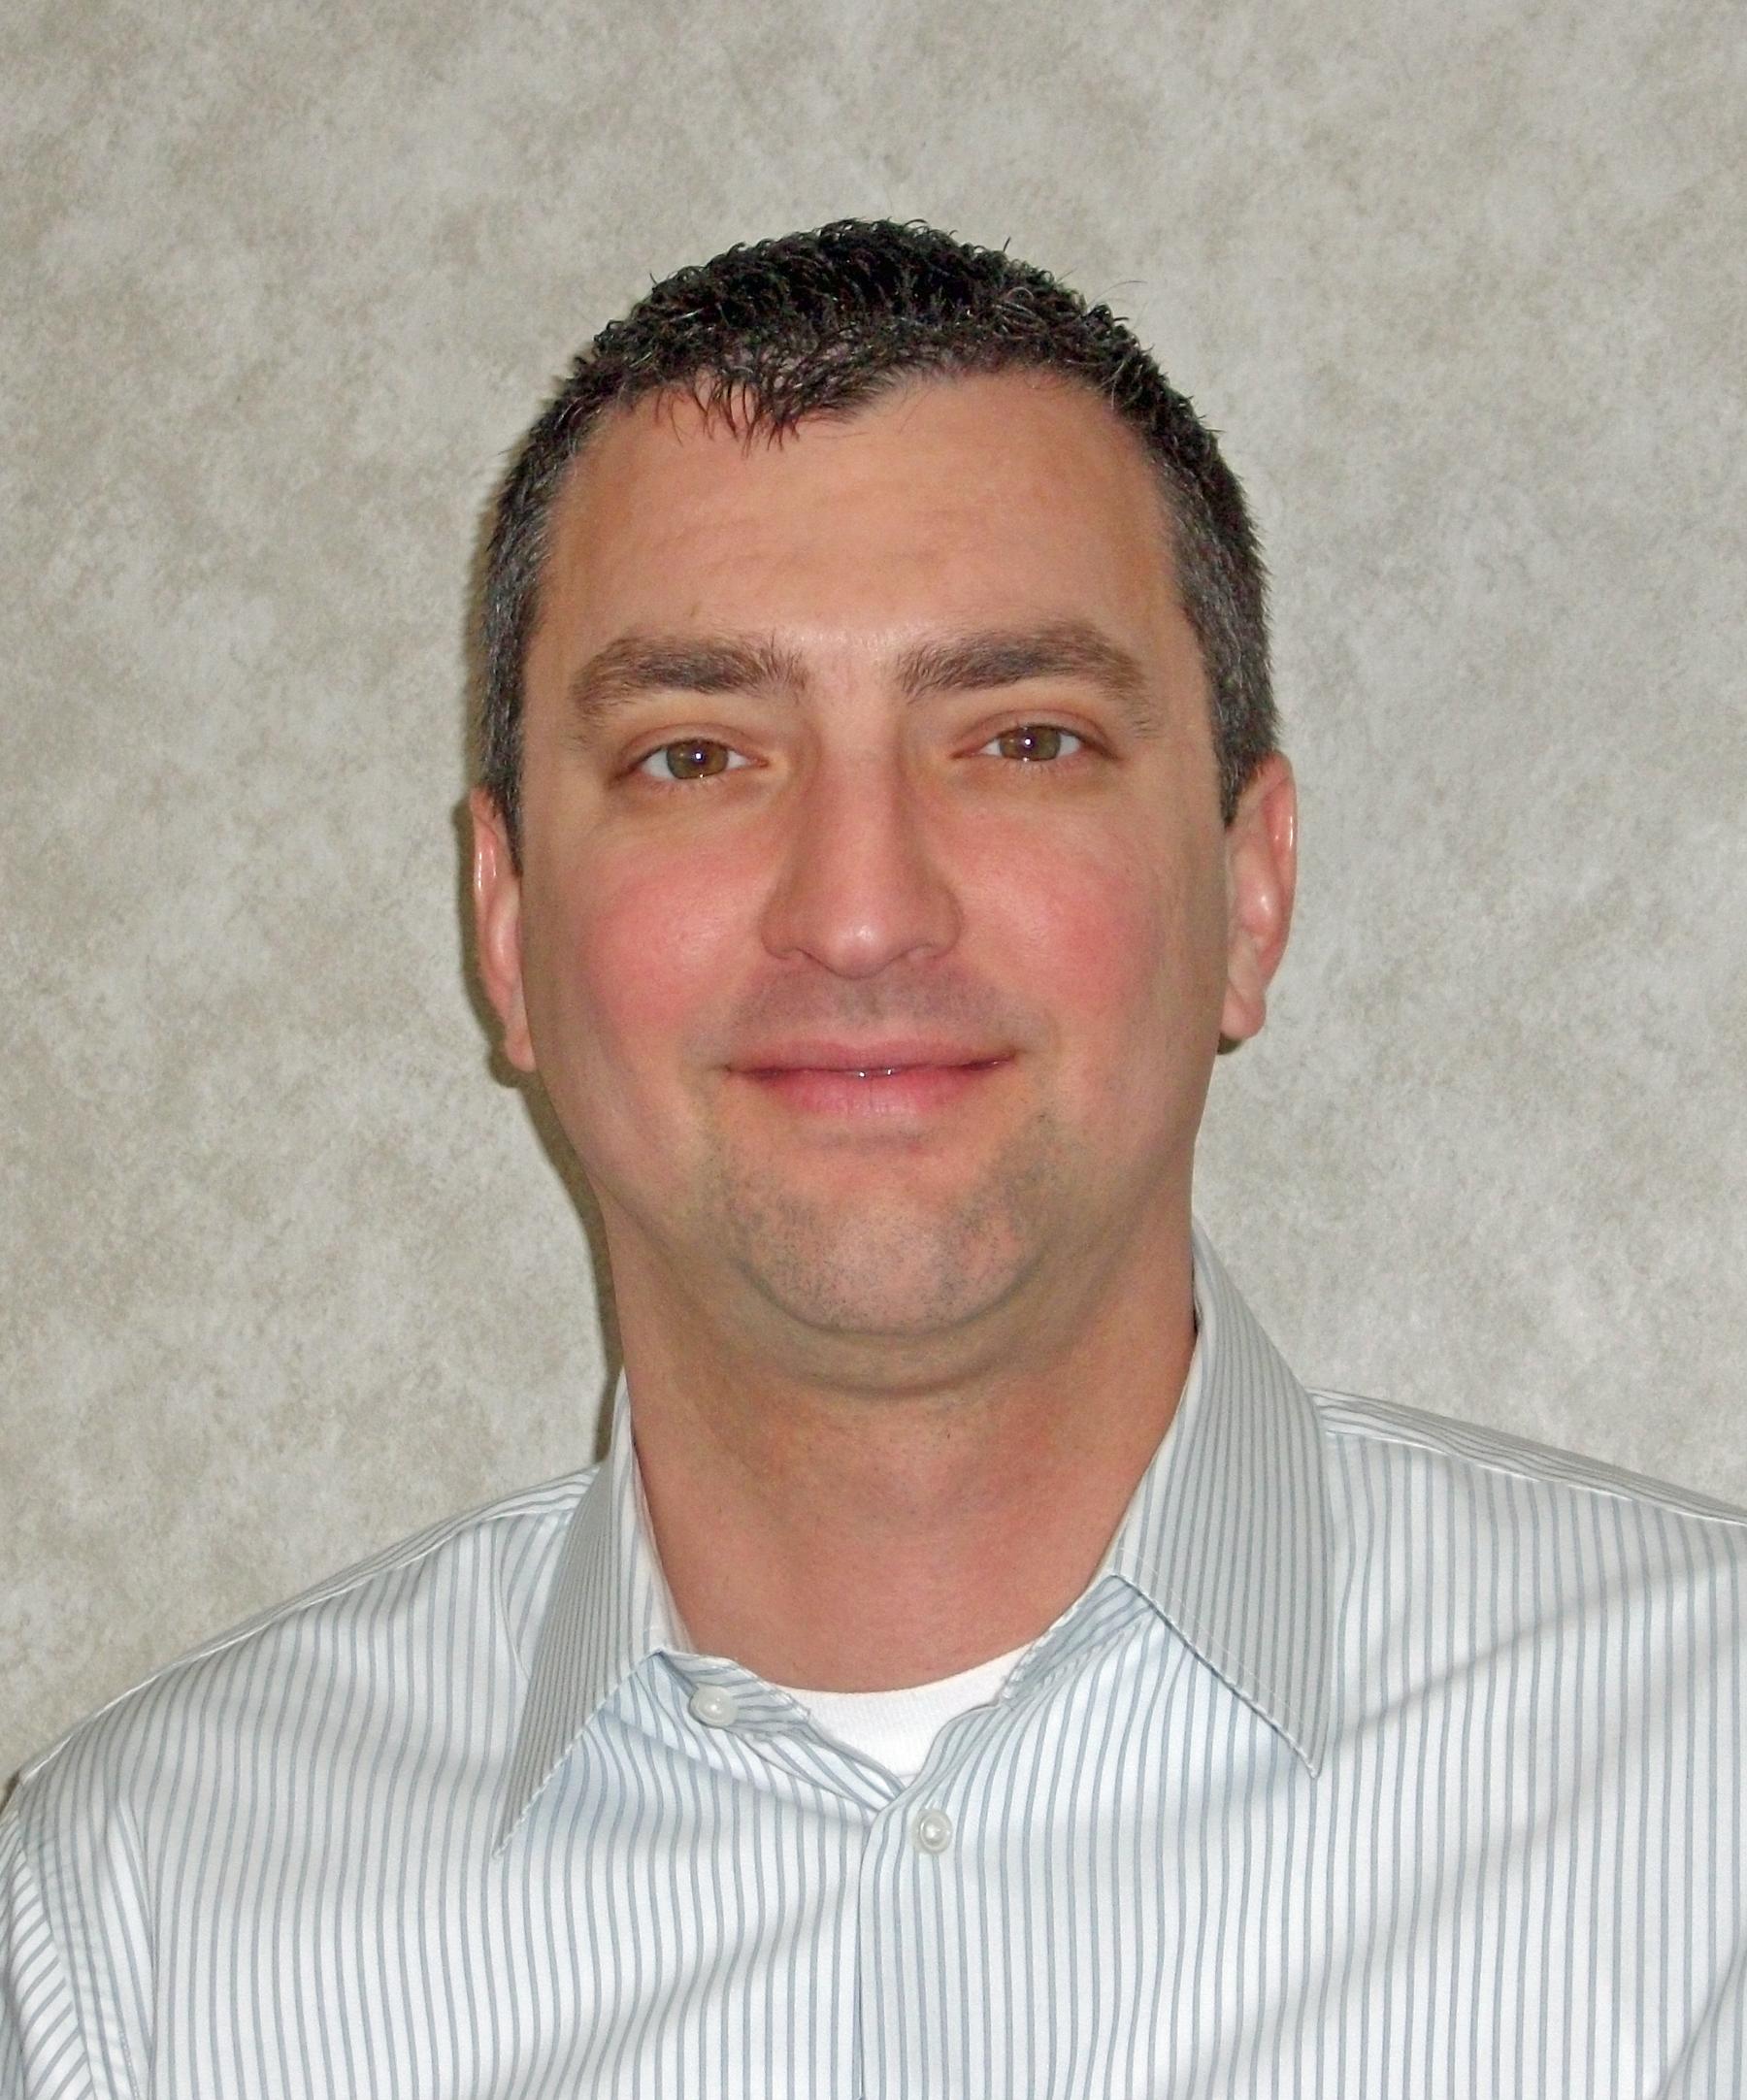 Heather West Pr Client News Kolbe Highlights Both: Heather West PR » Client News: Linetec Hires Jeff Fochs To